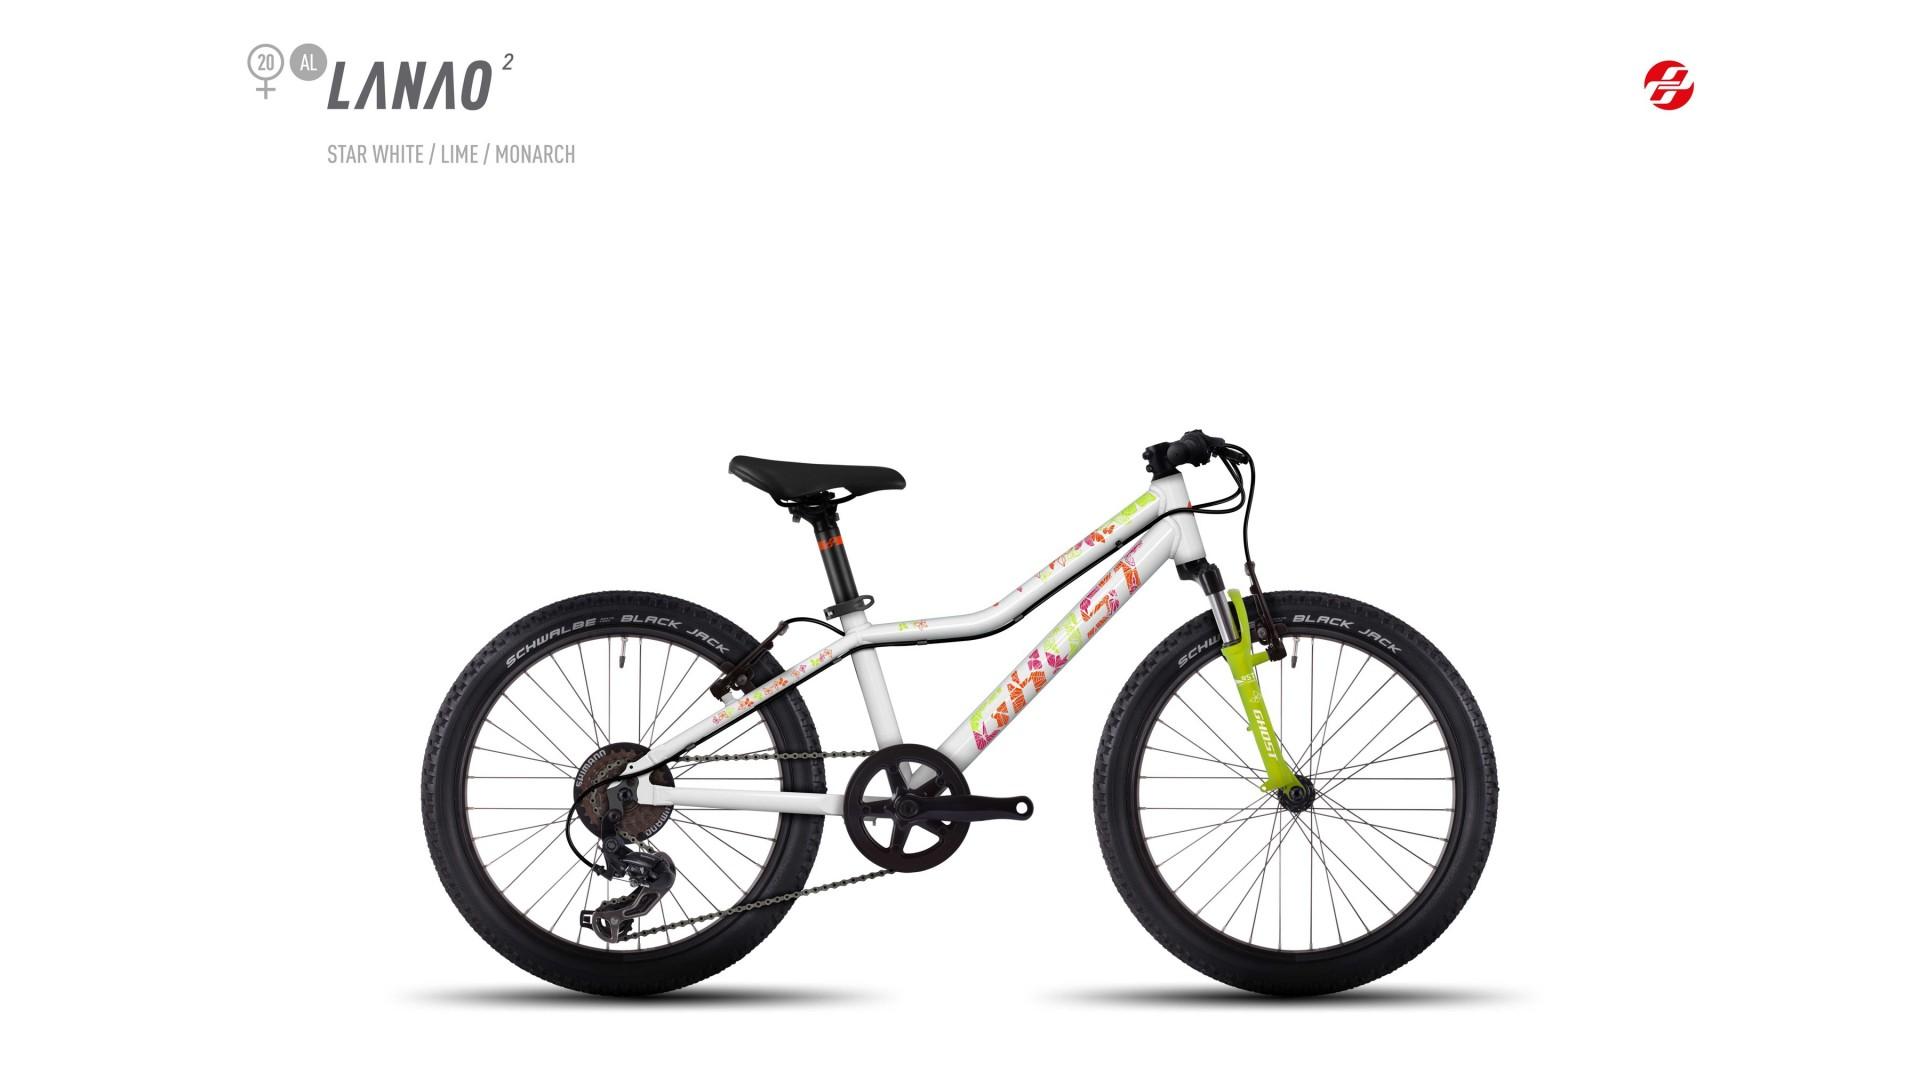 Велосипед GHOST Lanao 2 AL 20 starwhite/limegreen/monarchorange год 2017